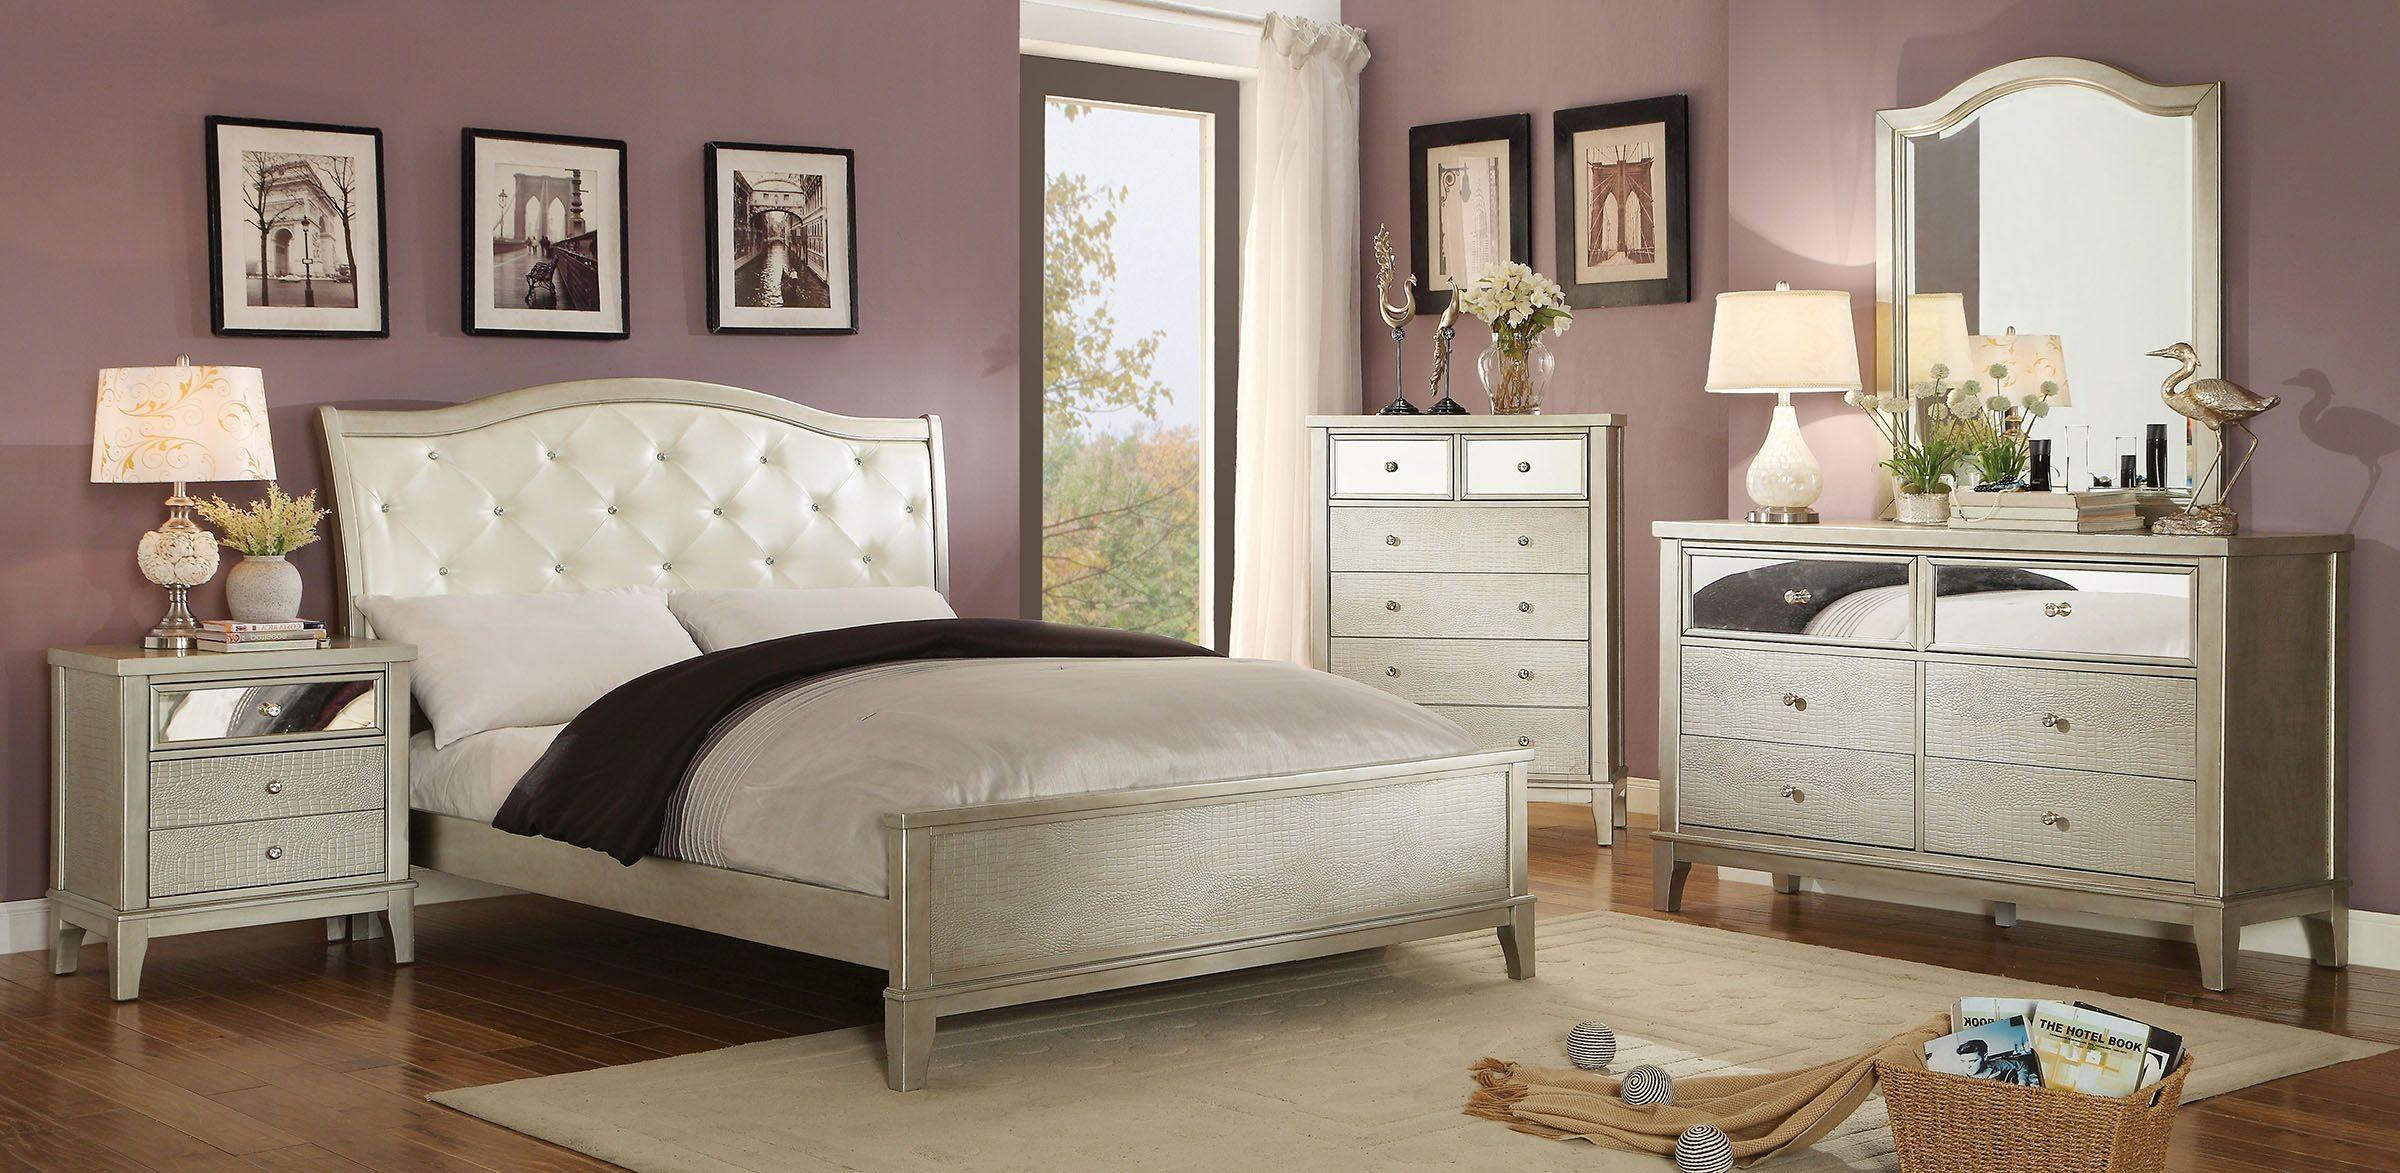 adeline silver upholstered bedroom set from furniture of america coleman furniture. Black Bedroom Furniture Sets. Home Design Ideas